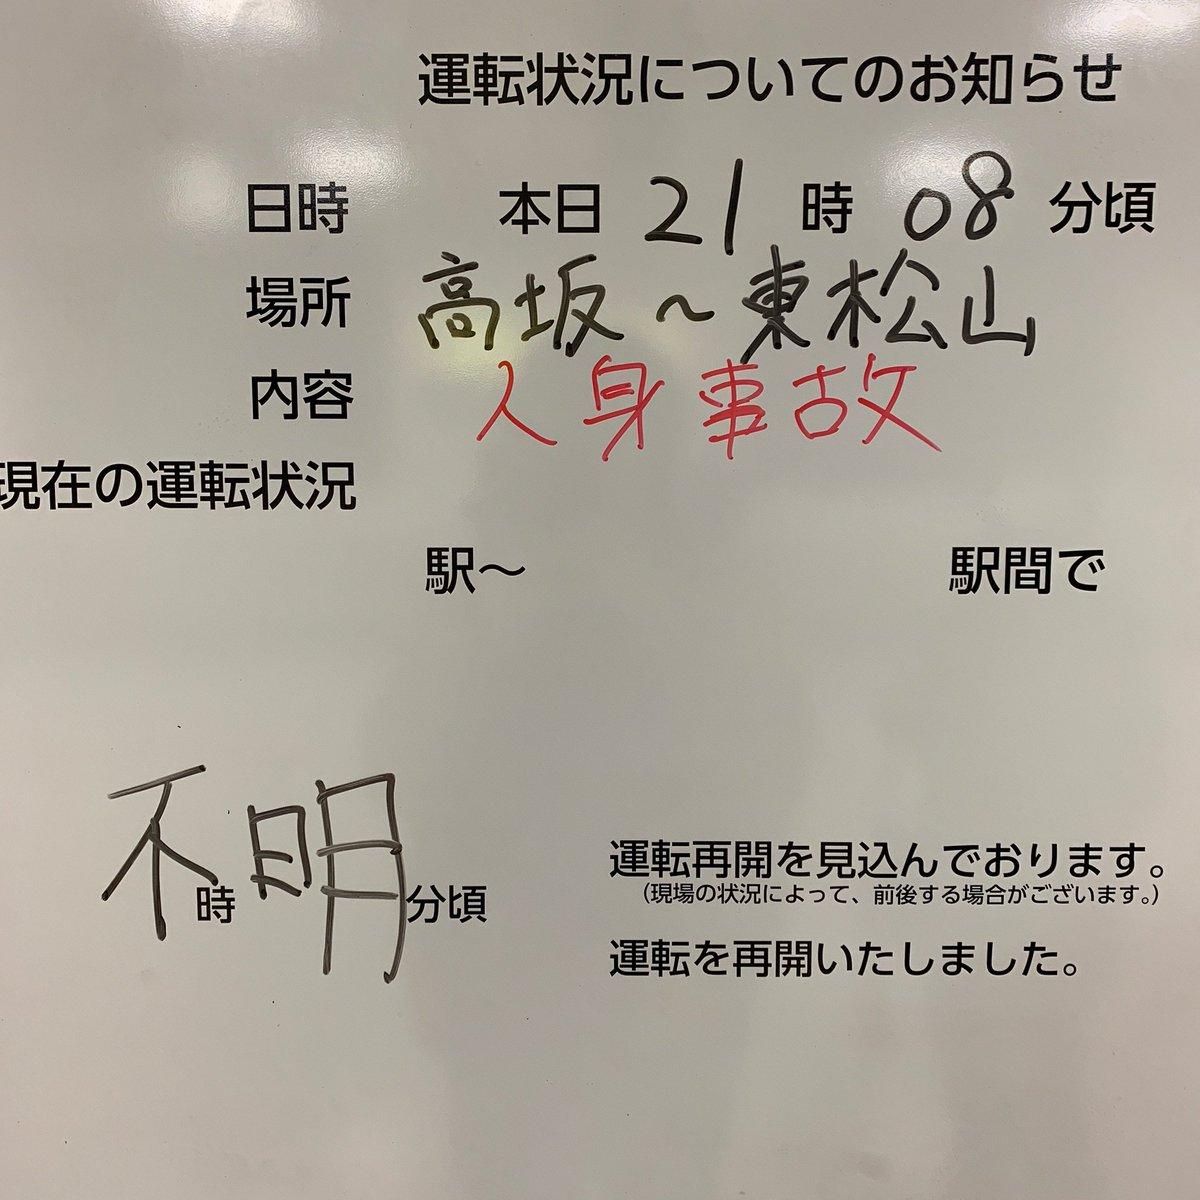 東武東上線の高坂駅~東松山駅間で人身事故の掲示板の画像